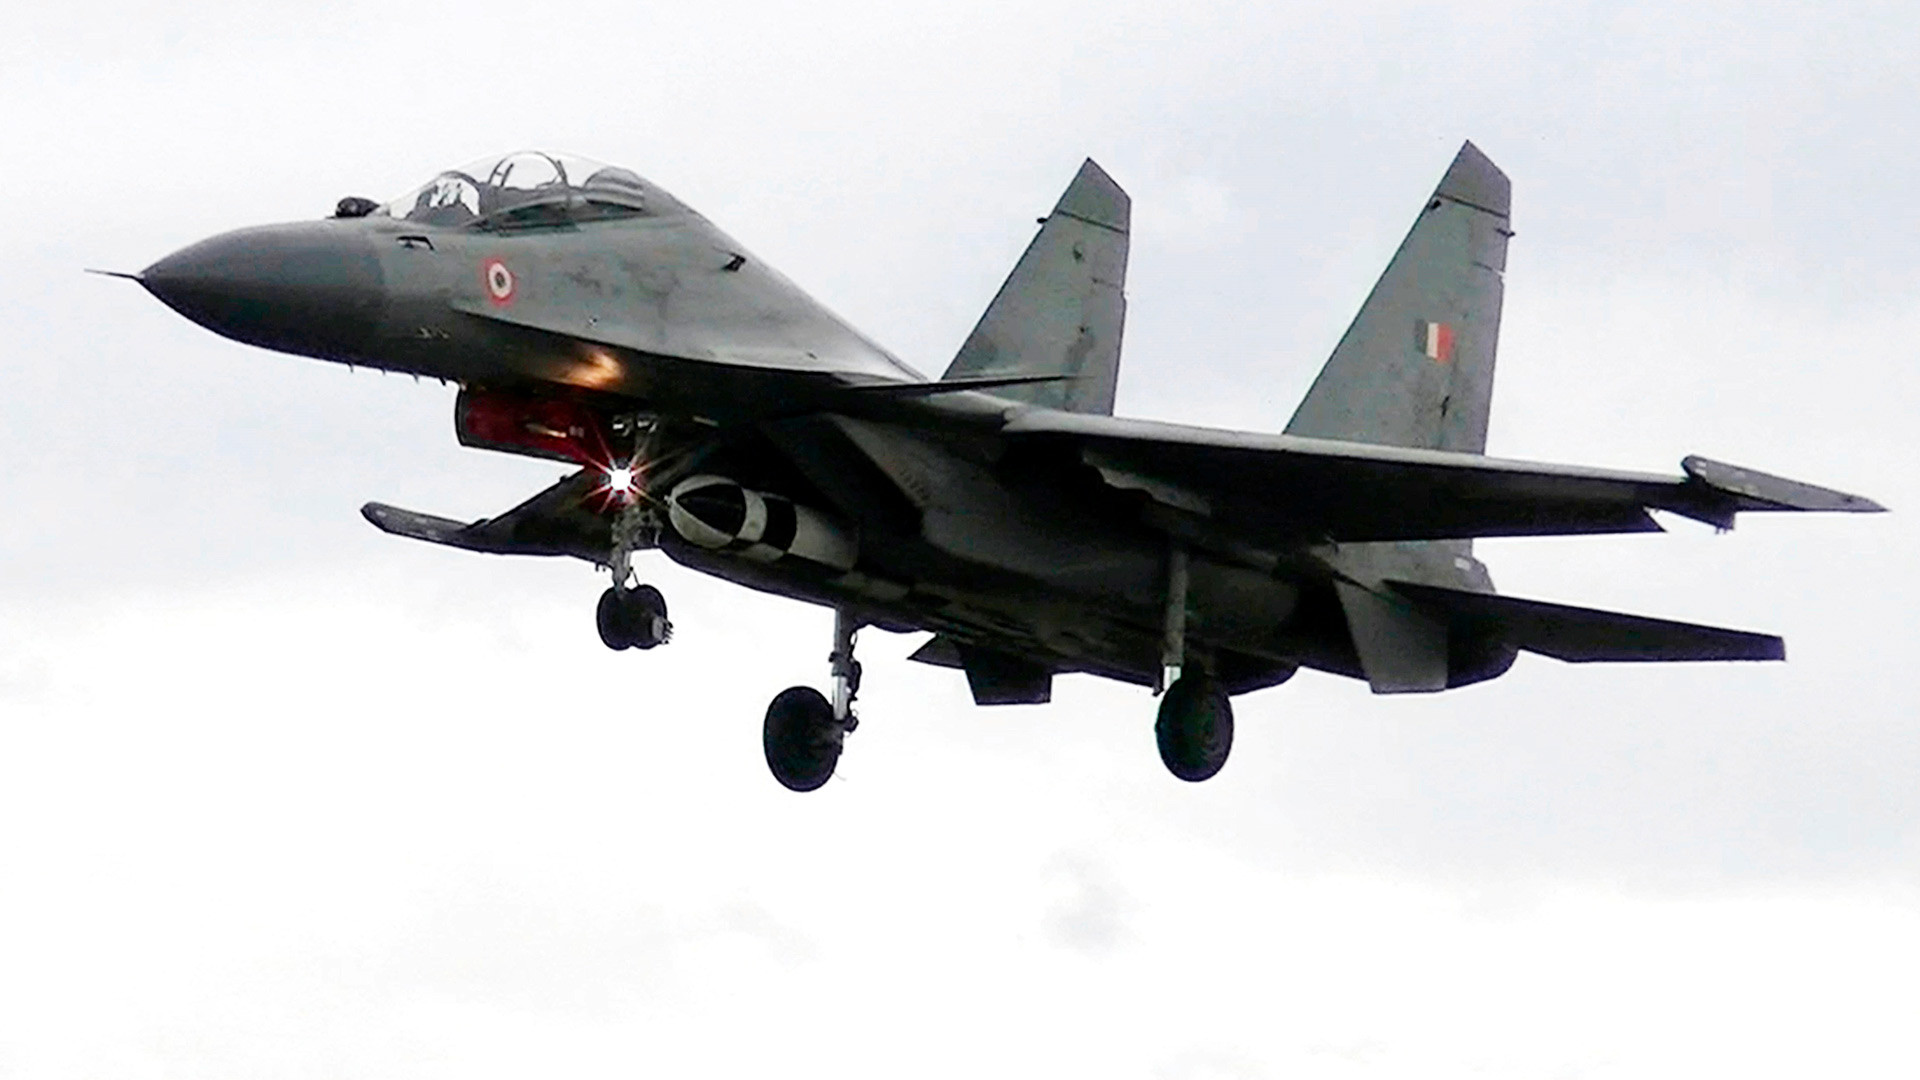 Тази снимка е публикувана от индийските ВВС на 22 май 2019 година. Направена през 2017 г. на неизвестно място. Су-30МКИ